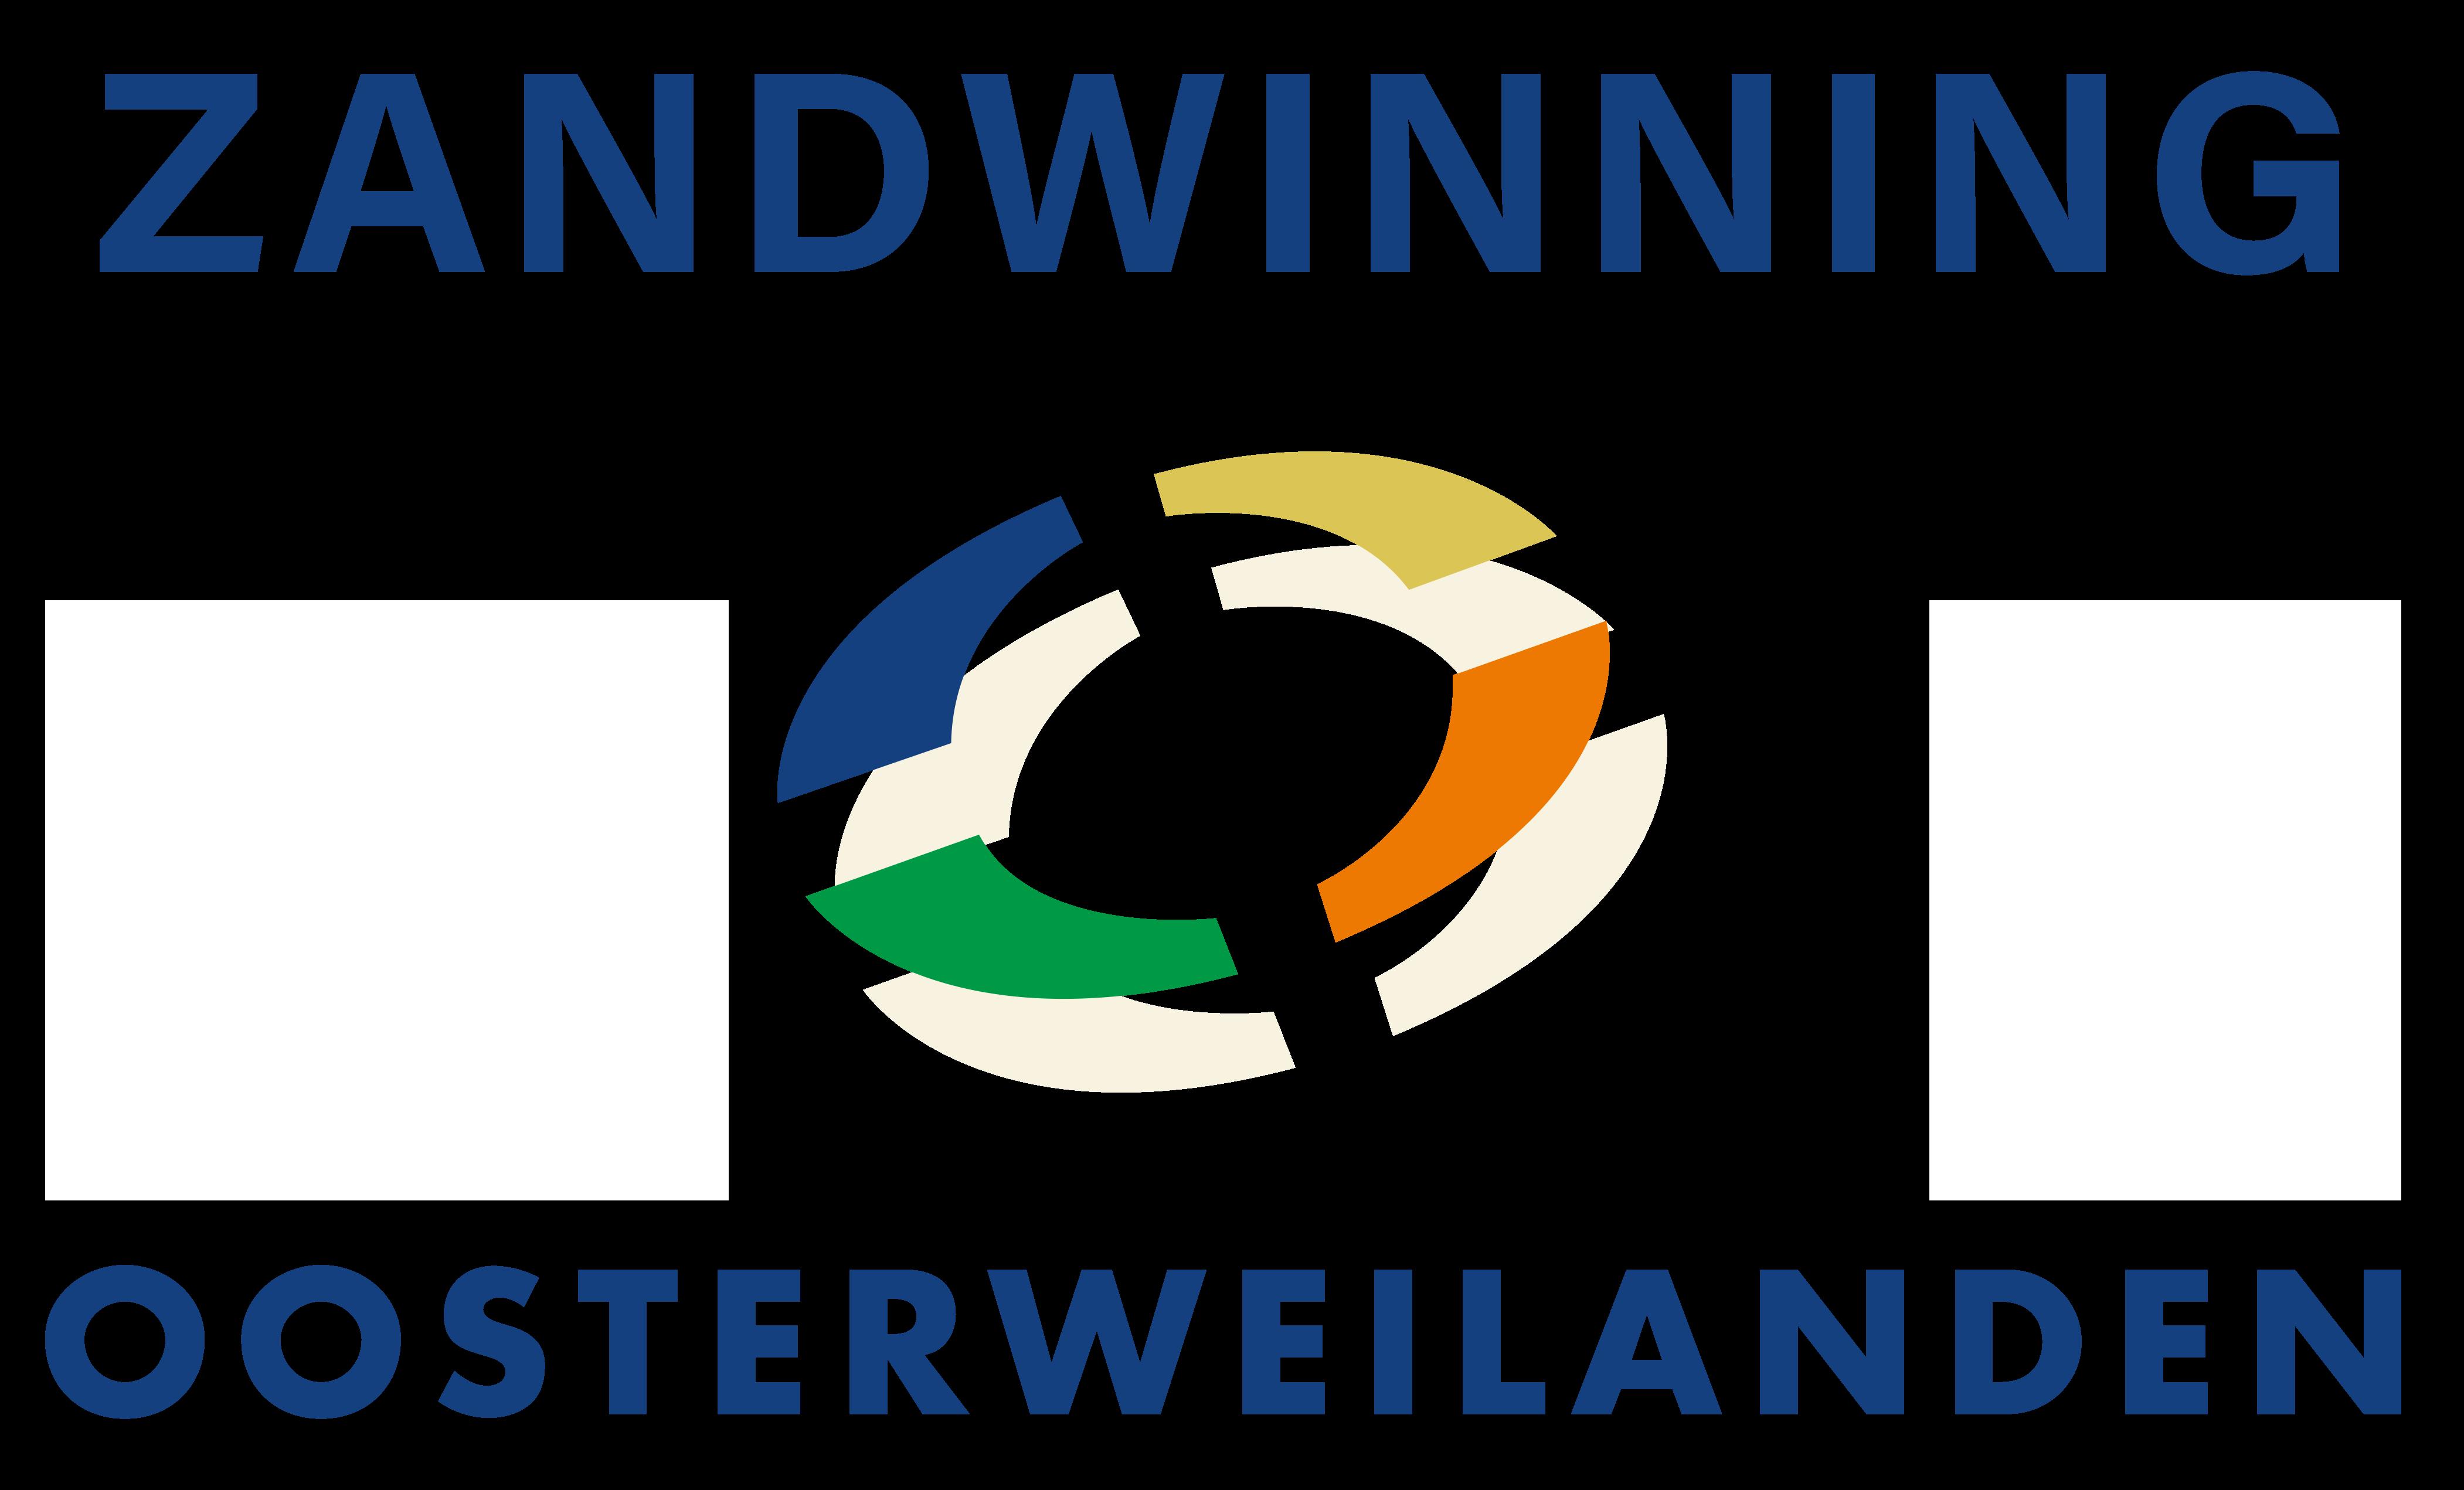 Zandwinning Oosterweilanden Logo